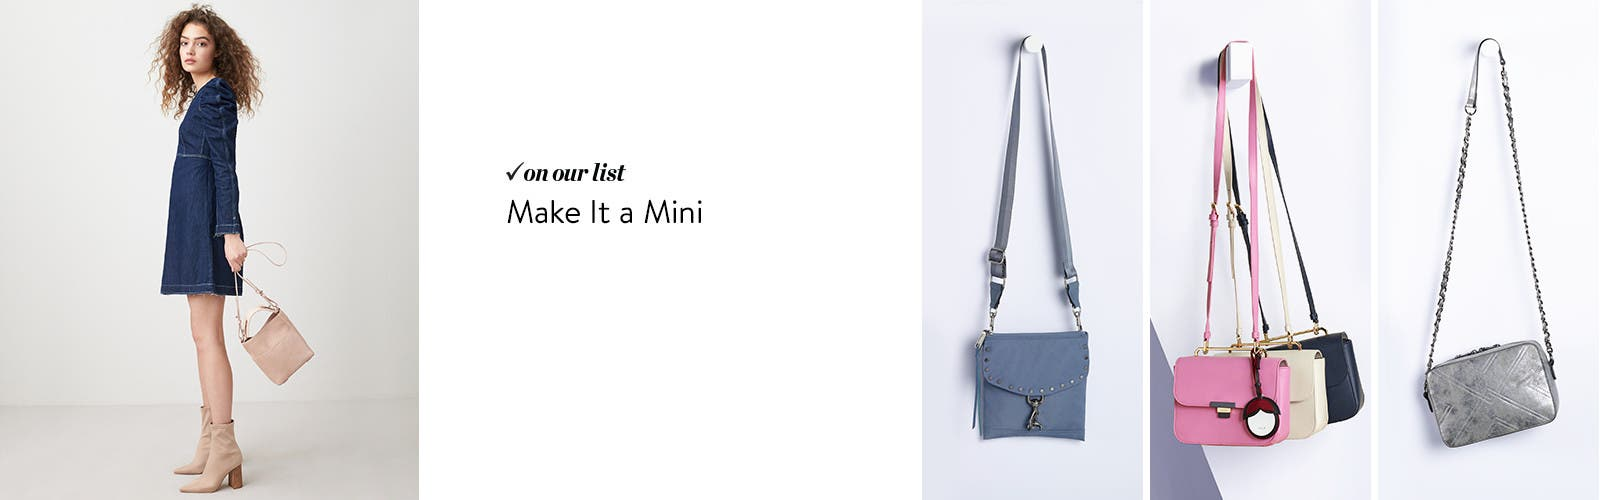 Make it a mini.